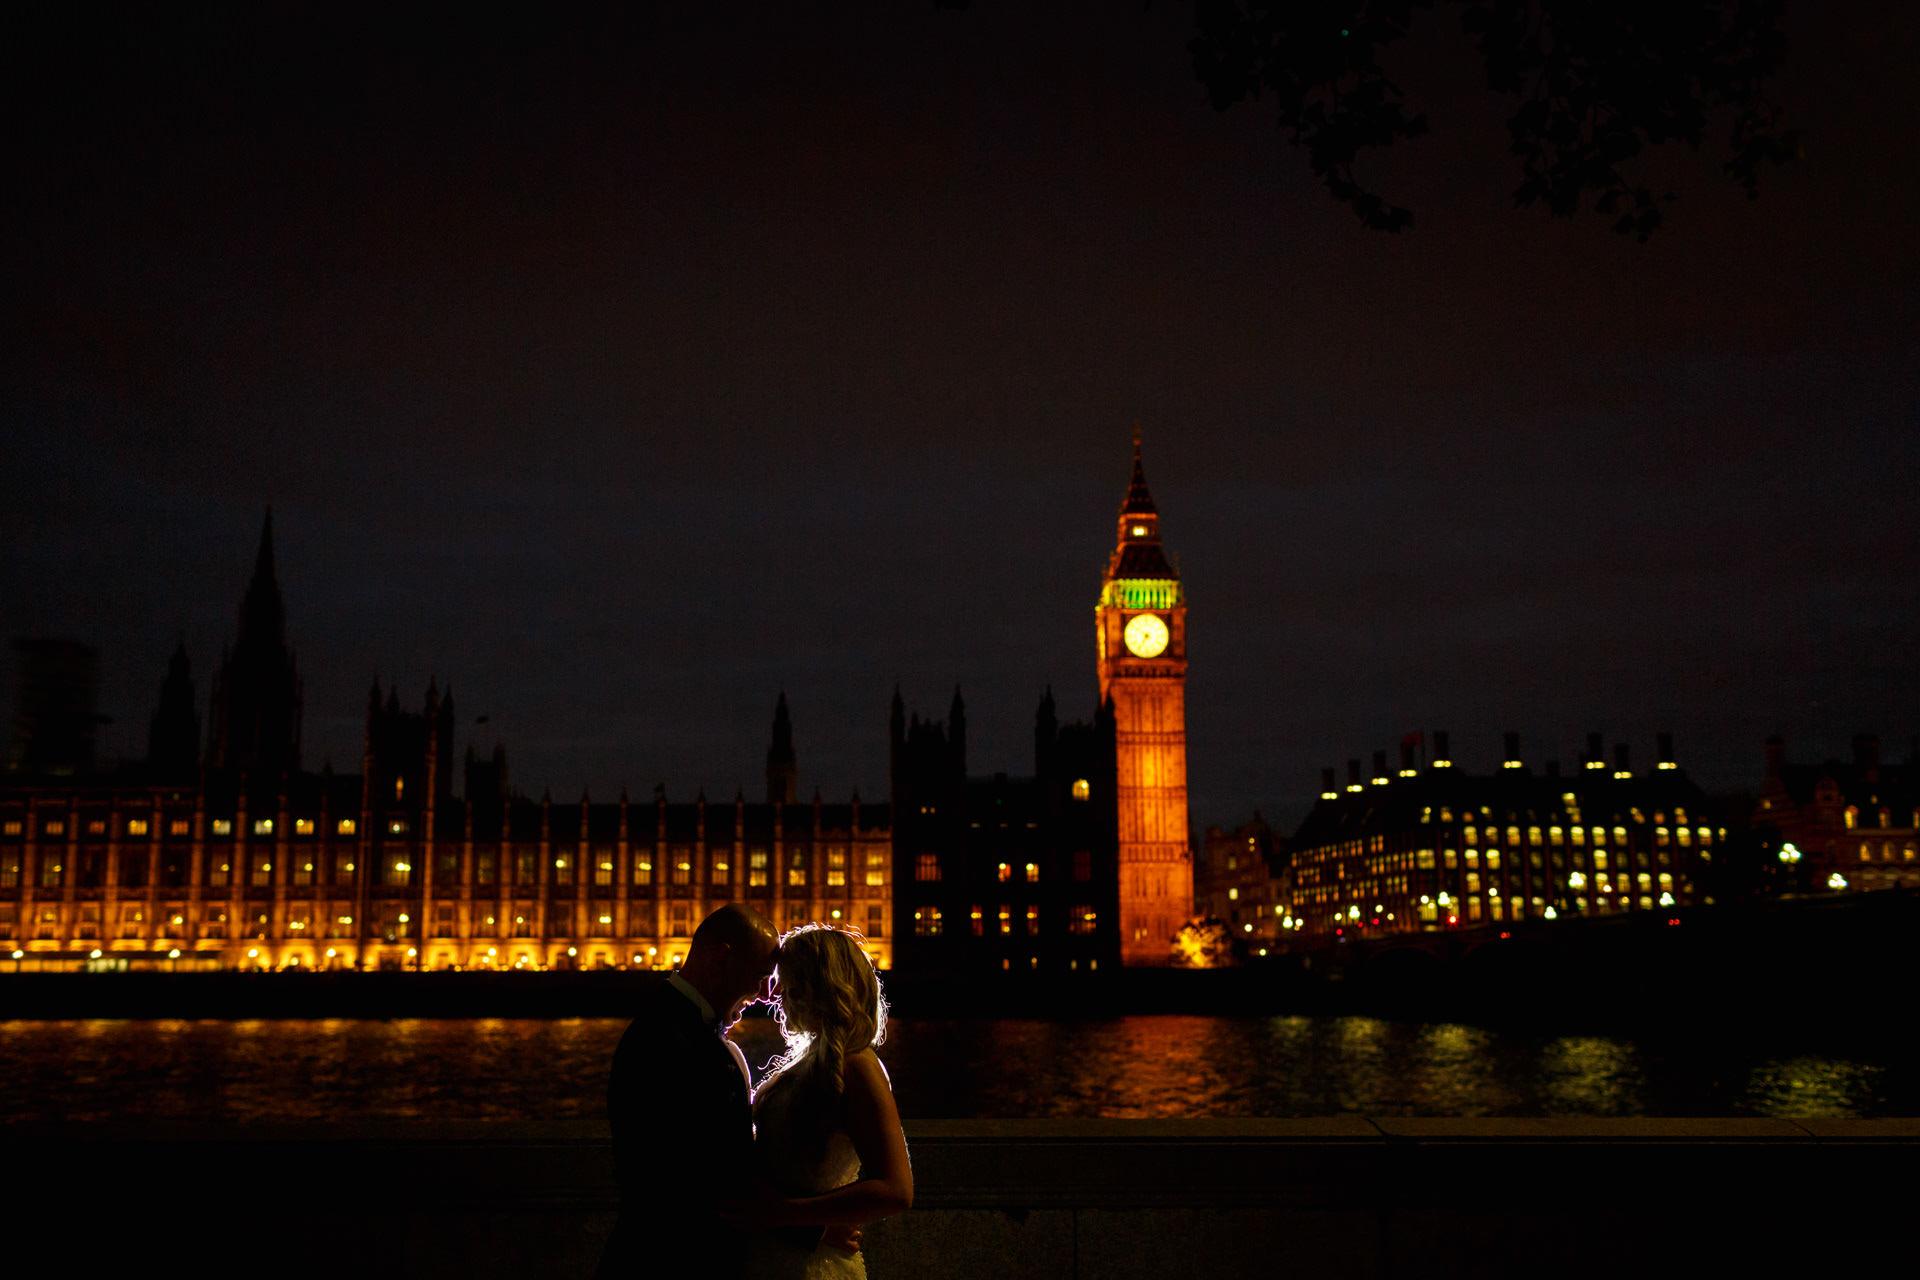 Houses Parlament Engagement Photo